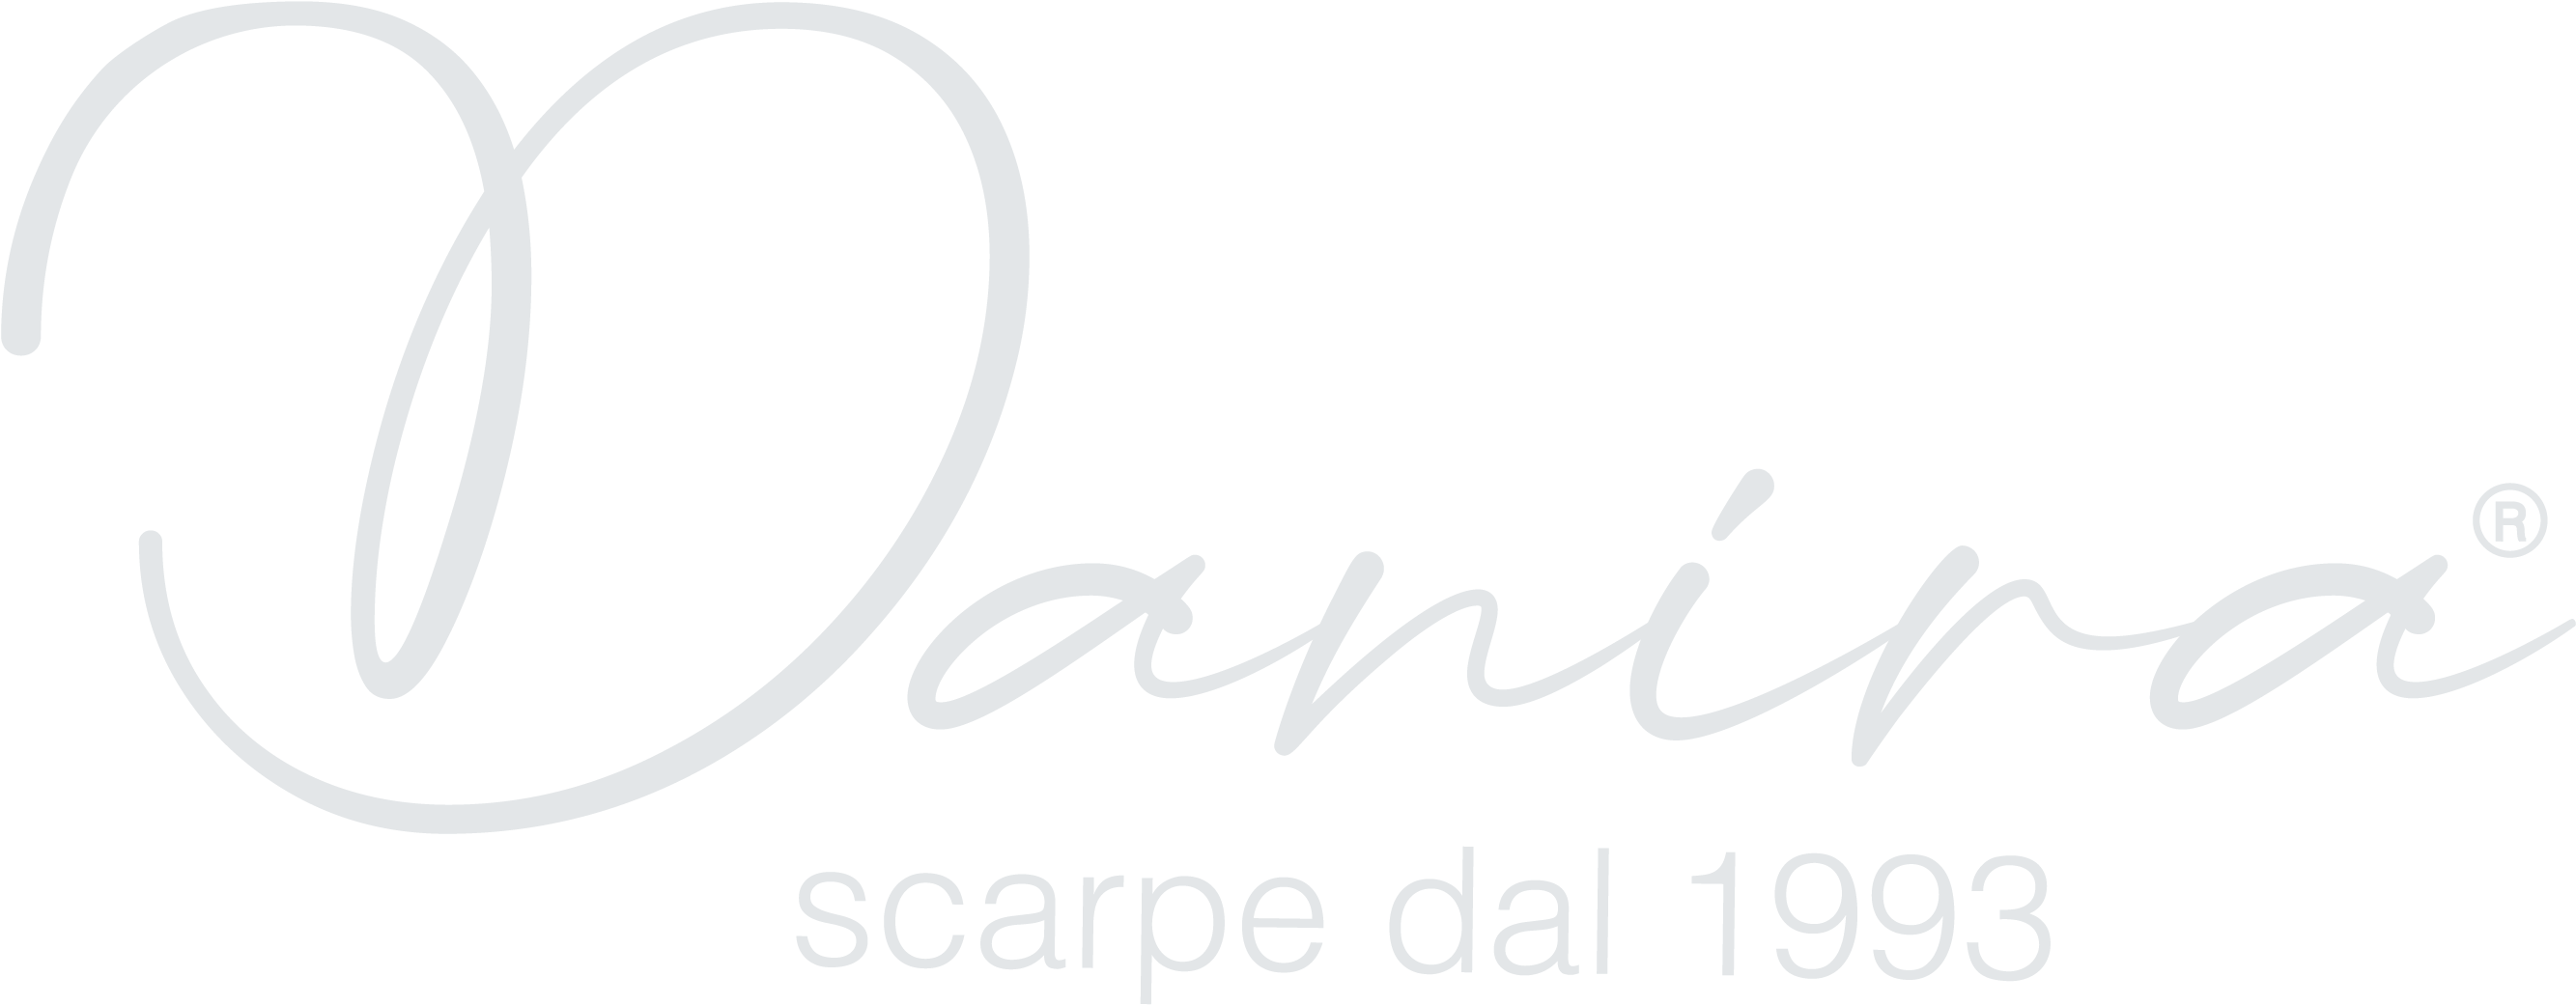 Scarpe Danira